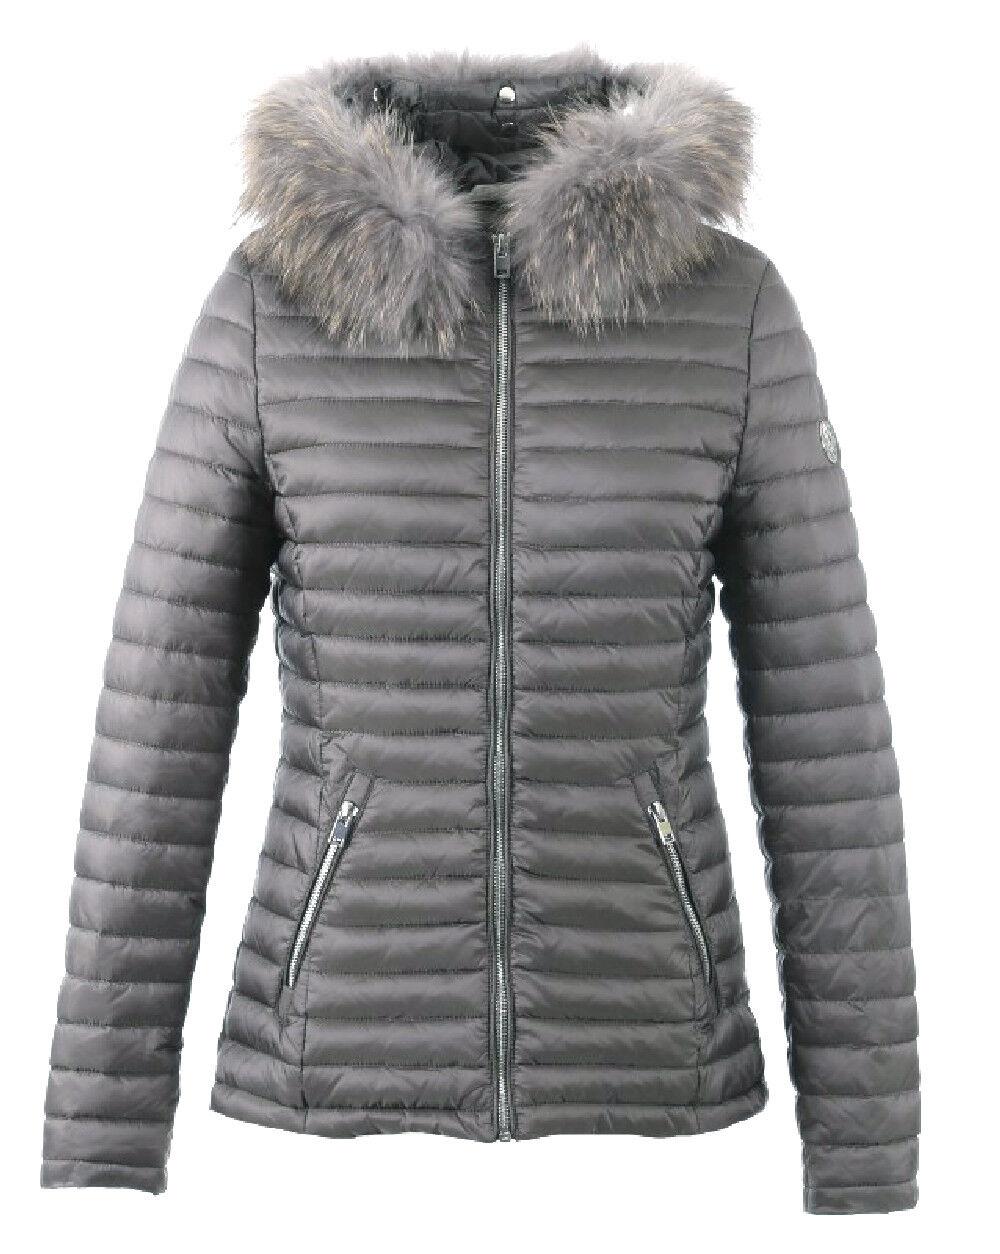 Détails sur OAKWOOD Doudoune veste nylon OAKWOOD femme JOLIE Gris Smoke 62909 taille XL